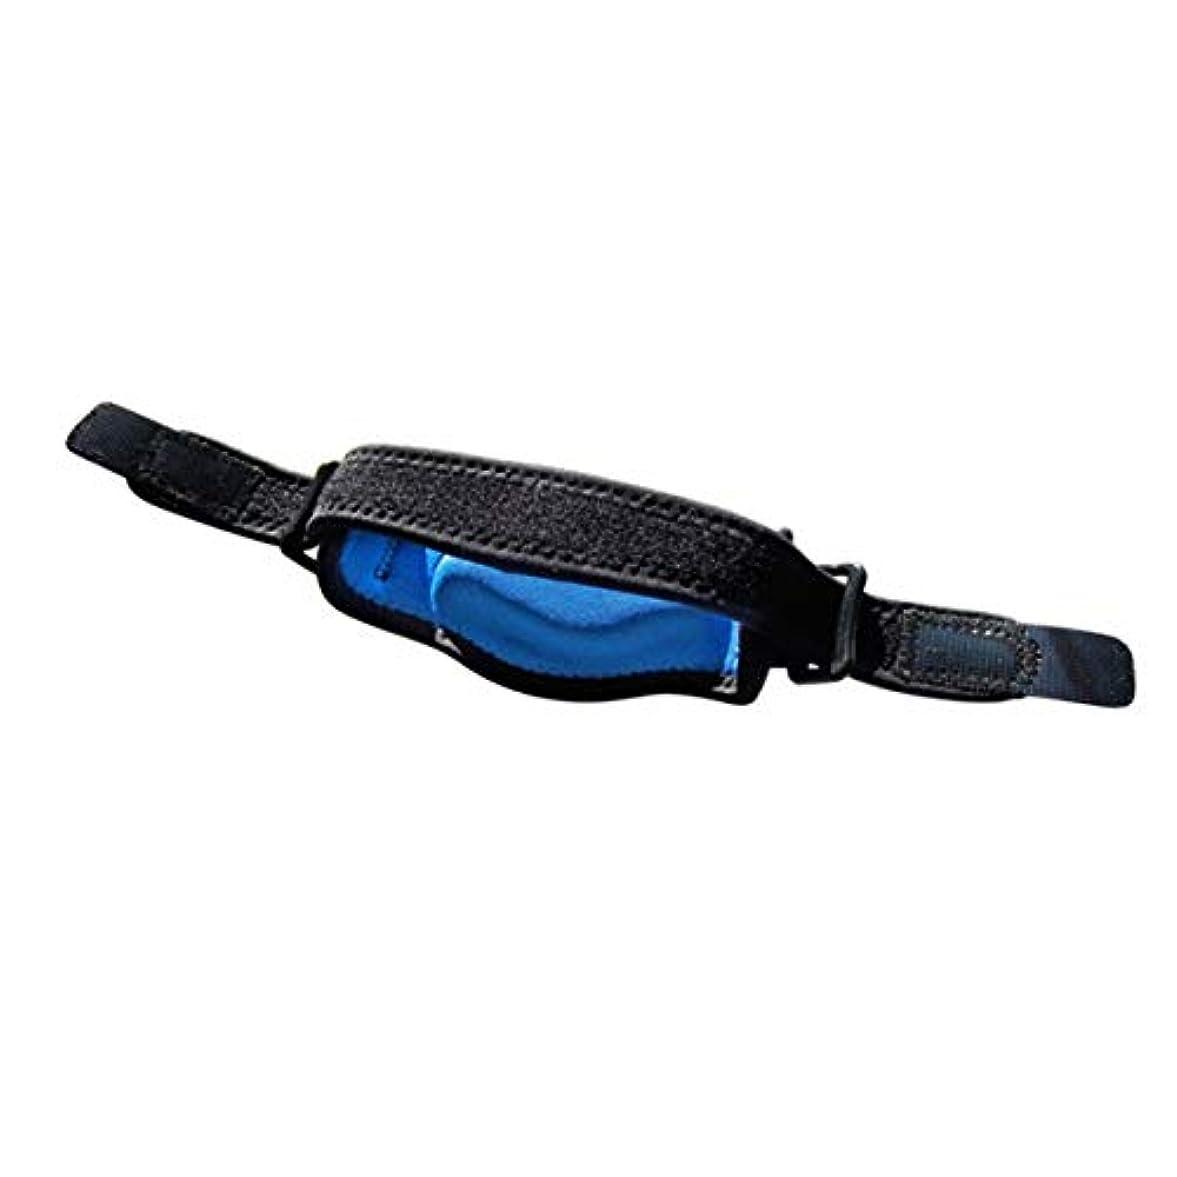 調節可能なテニス肘サポートストラップブレースゴルフ前腕痛み緩和